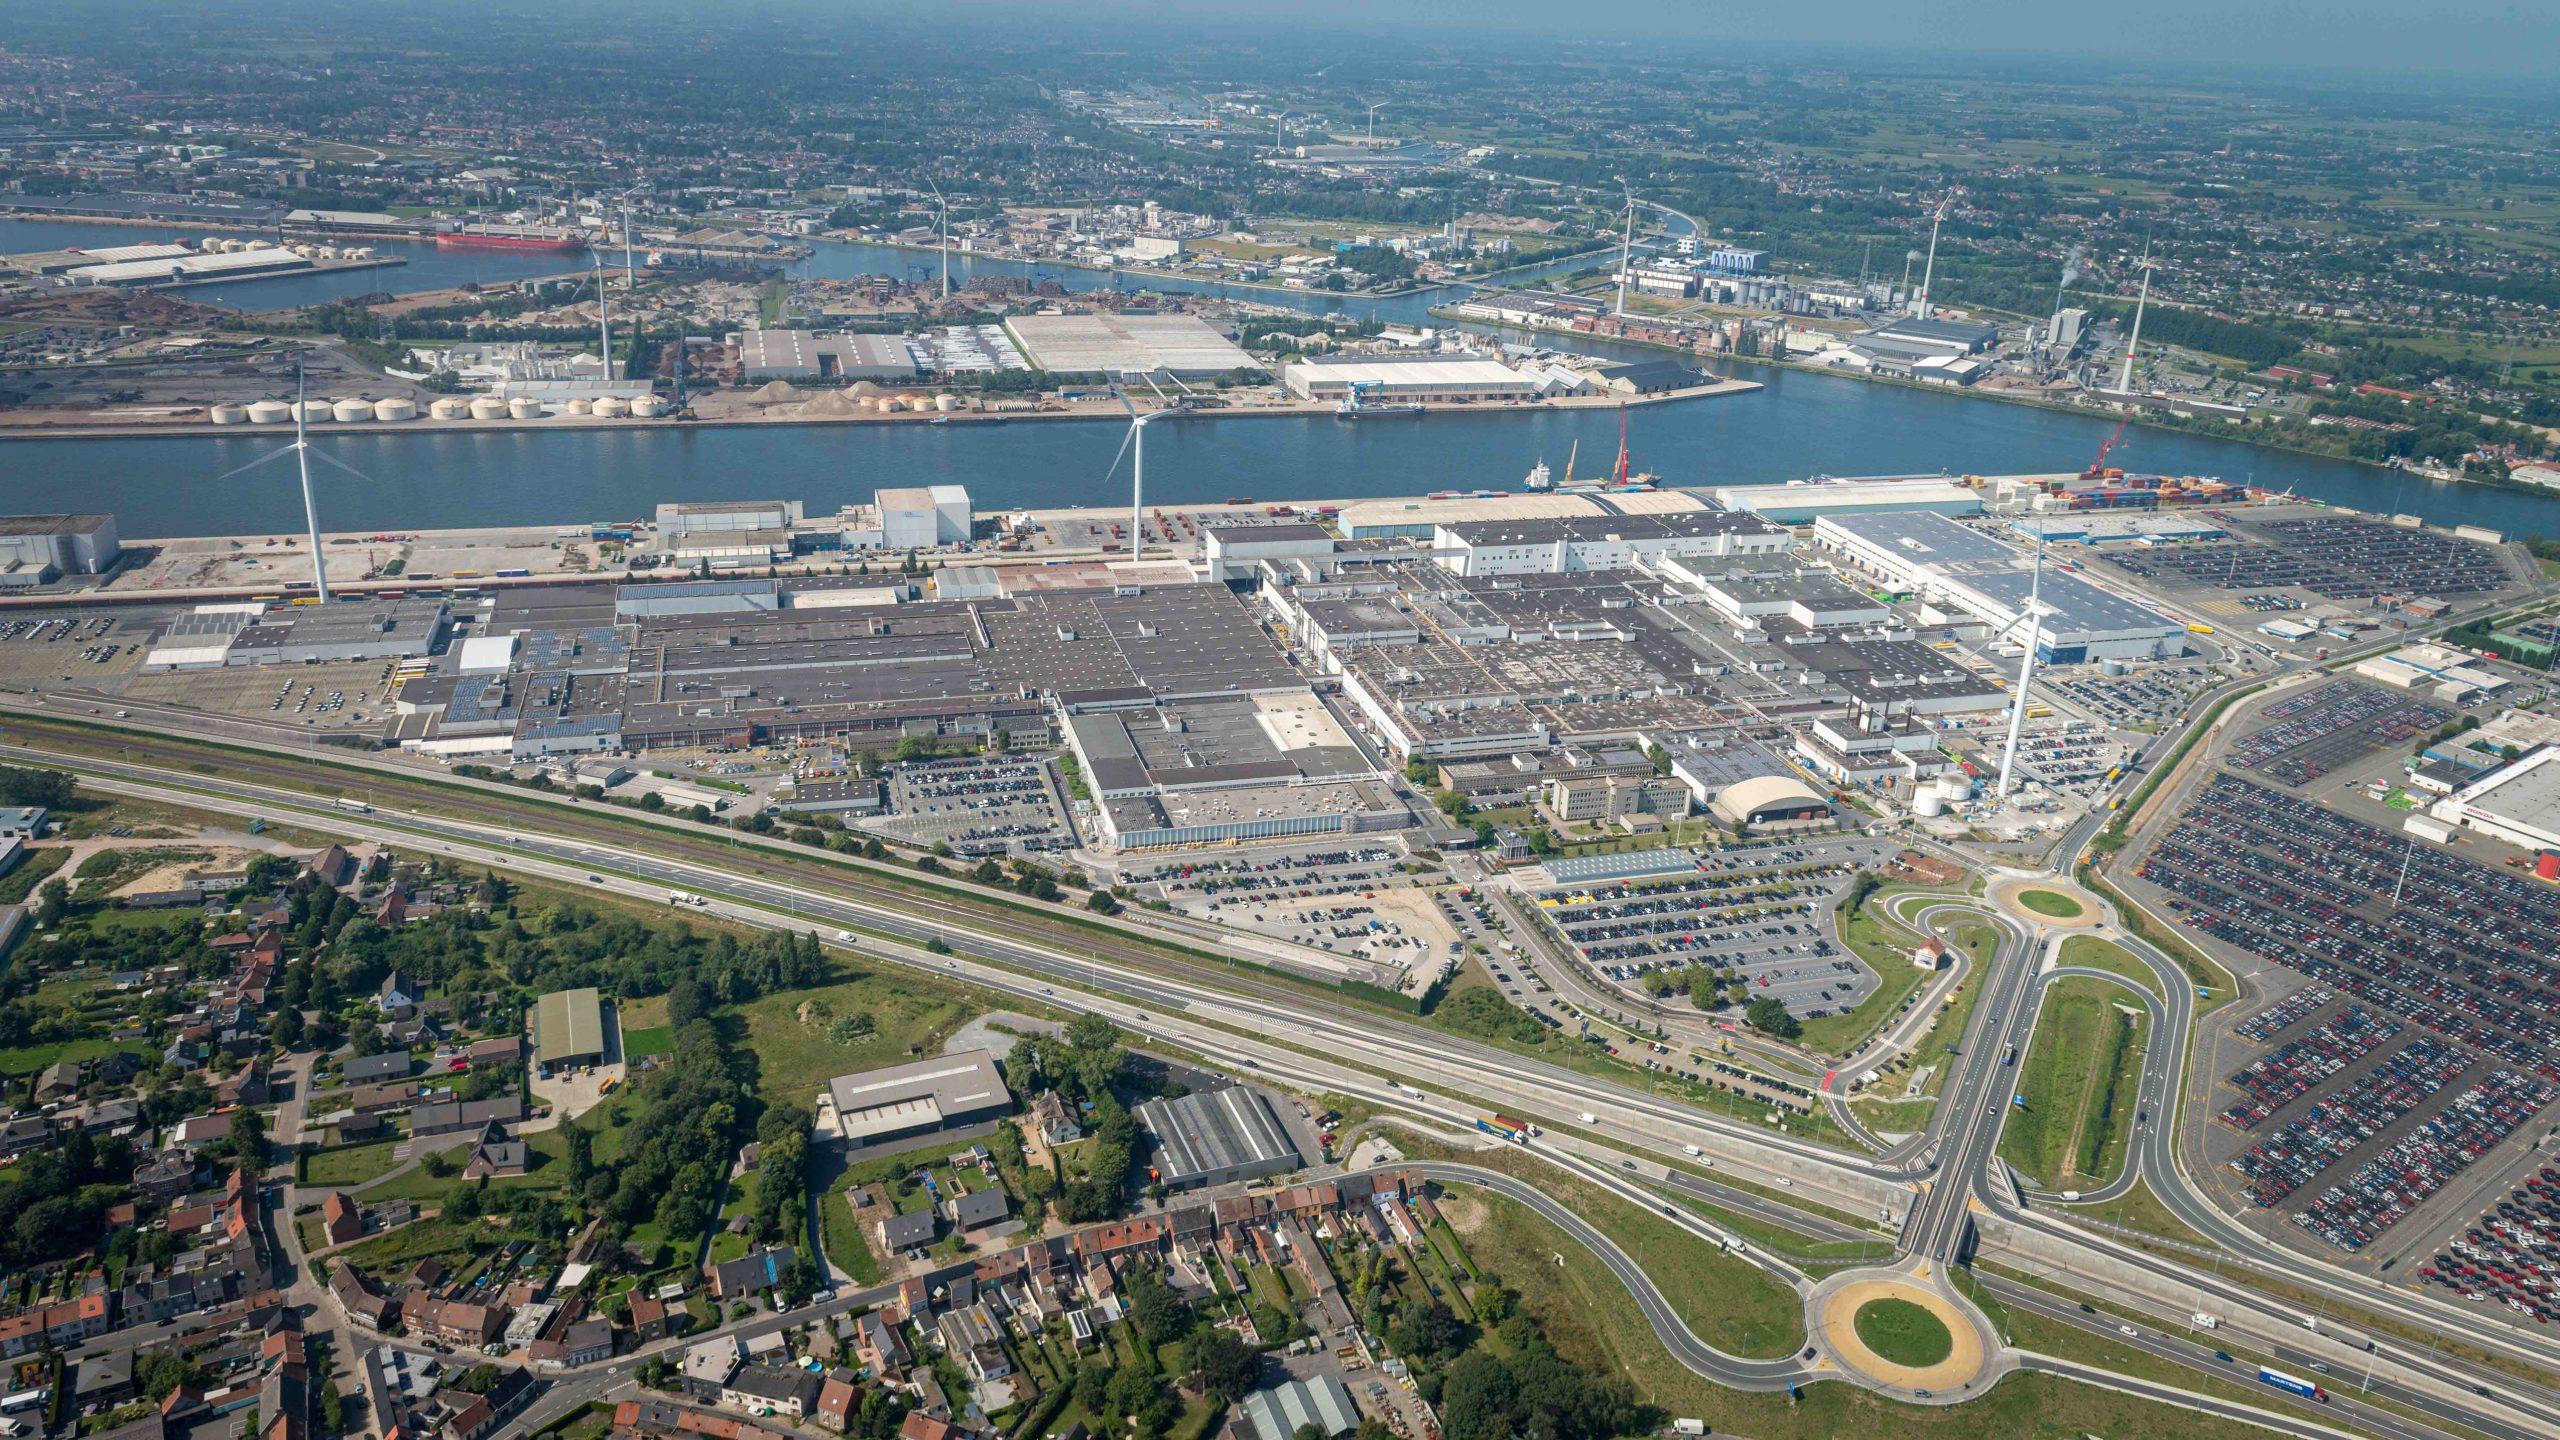 ЗаводиVolvoпрацюють на відновлюваній енергії